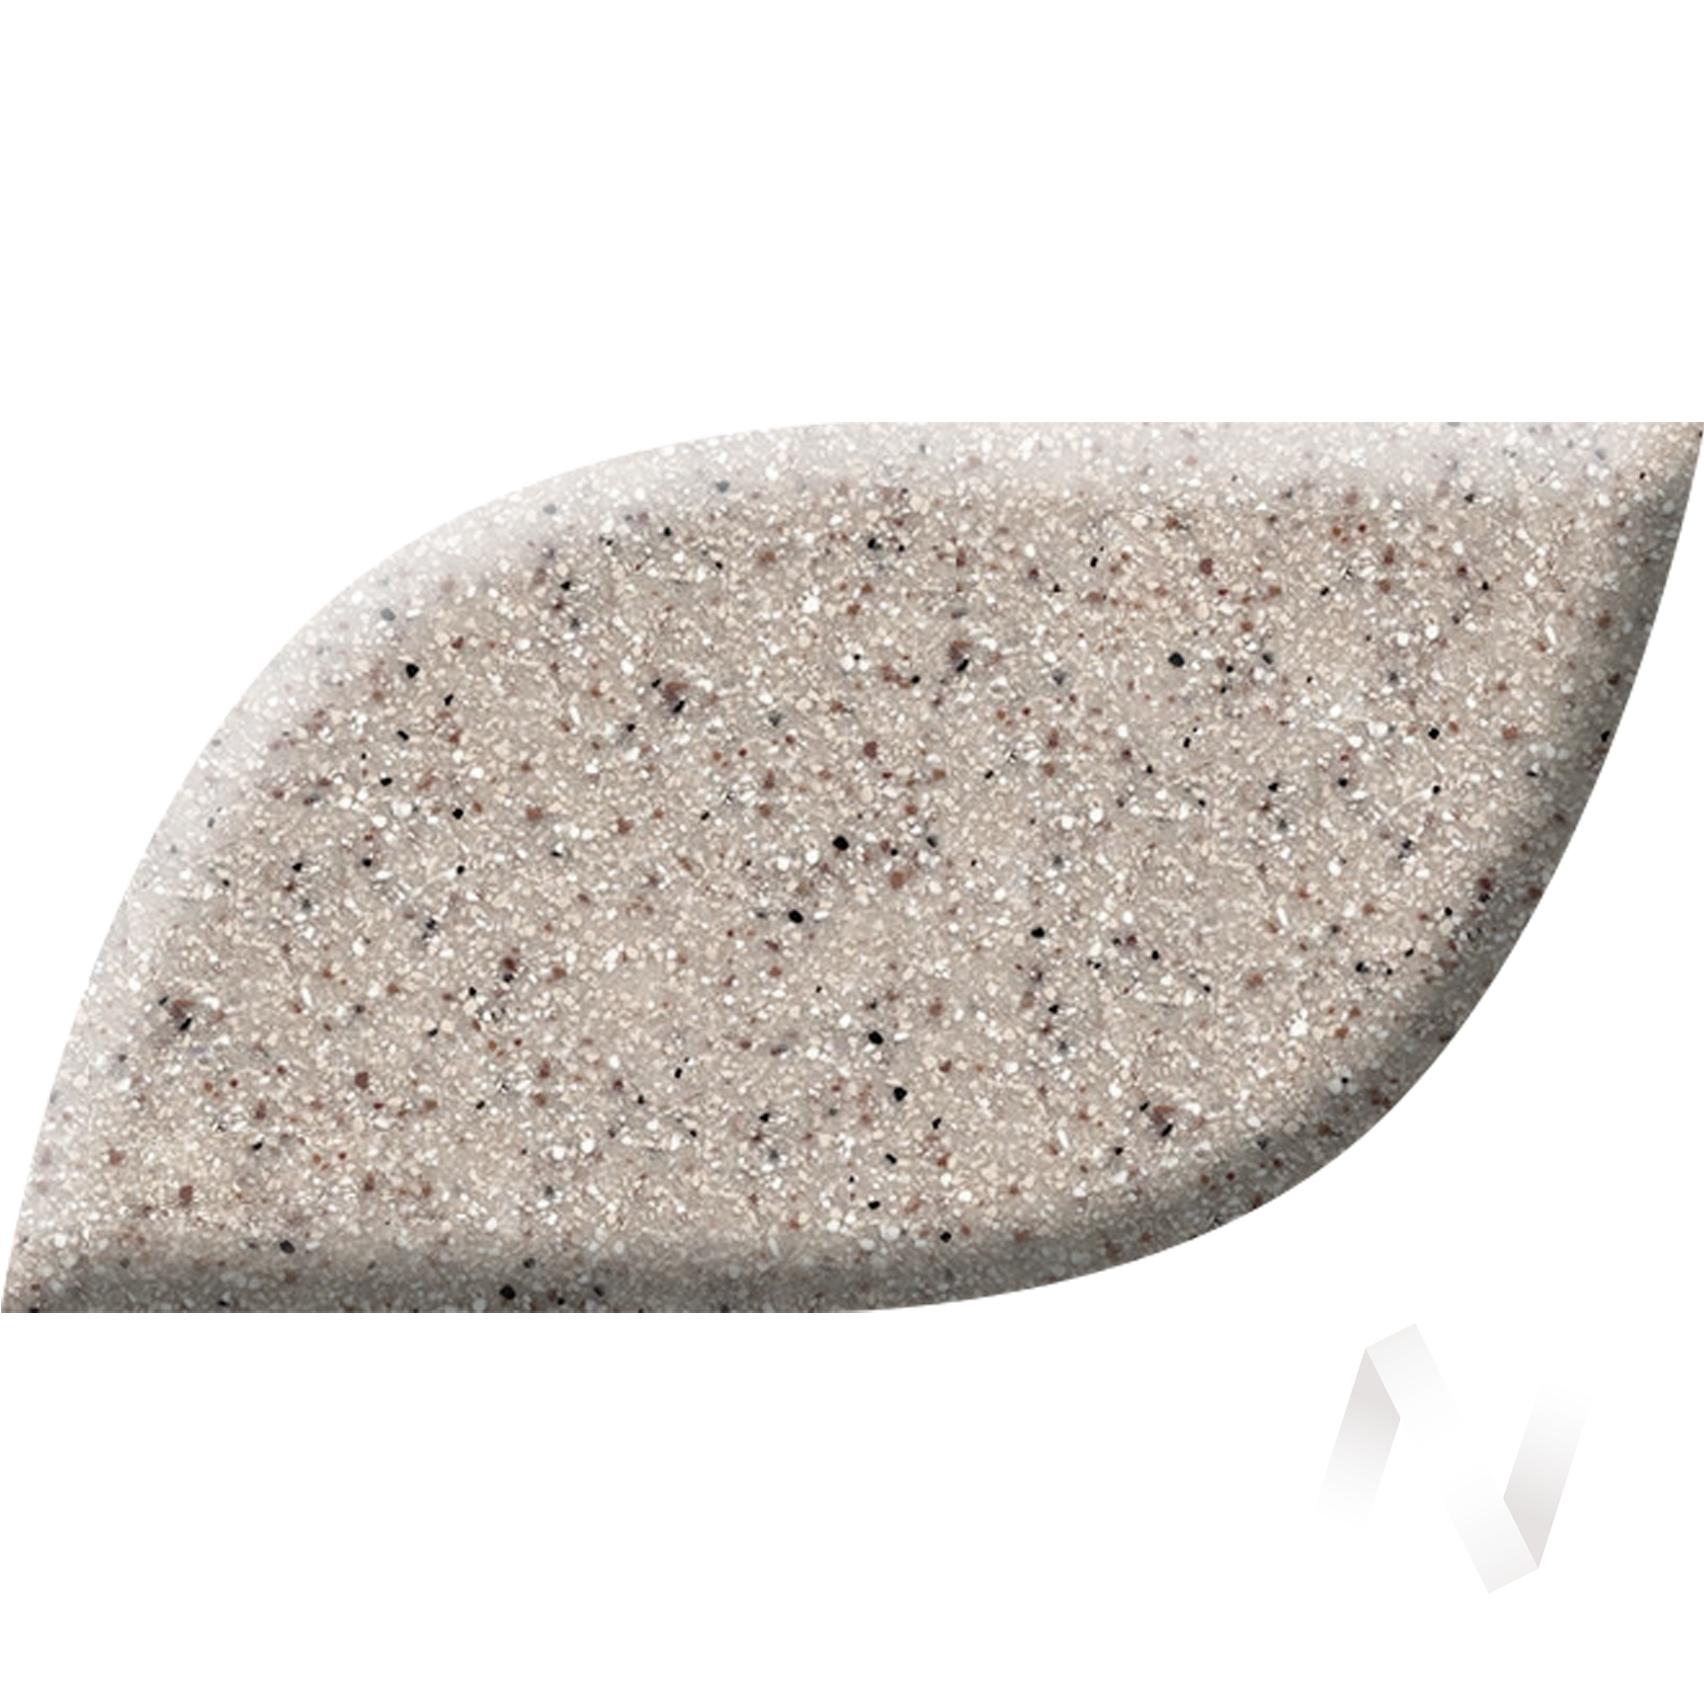 Мойка из искусственного камня Light 3 без фрезы и сифона (песок)  в Томске — интернет магазин МИРА-мебель